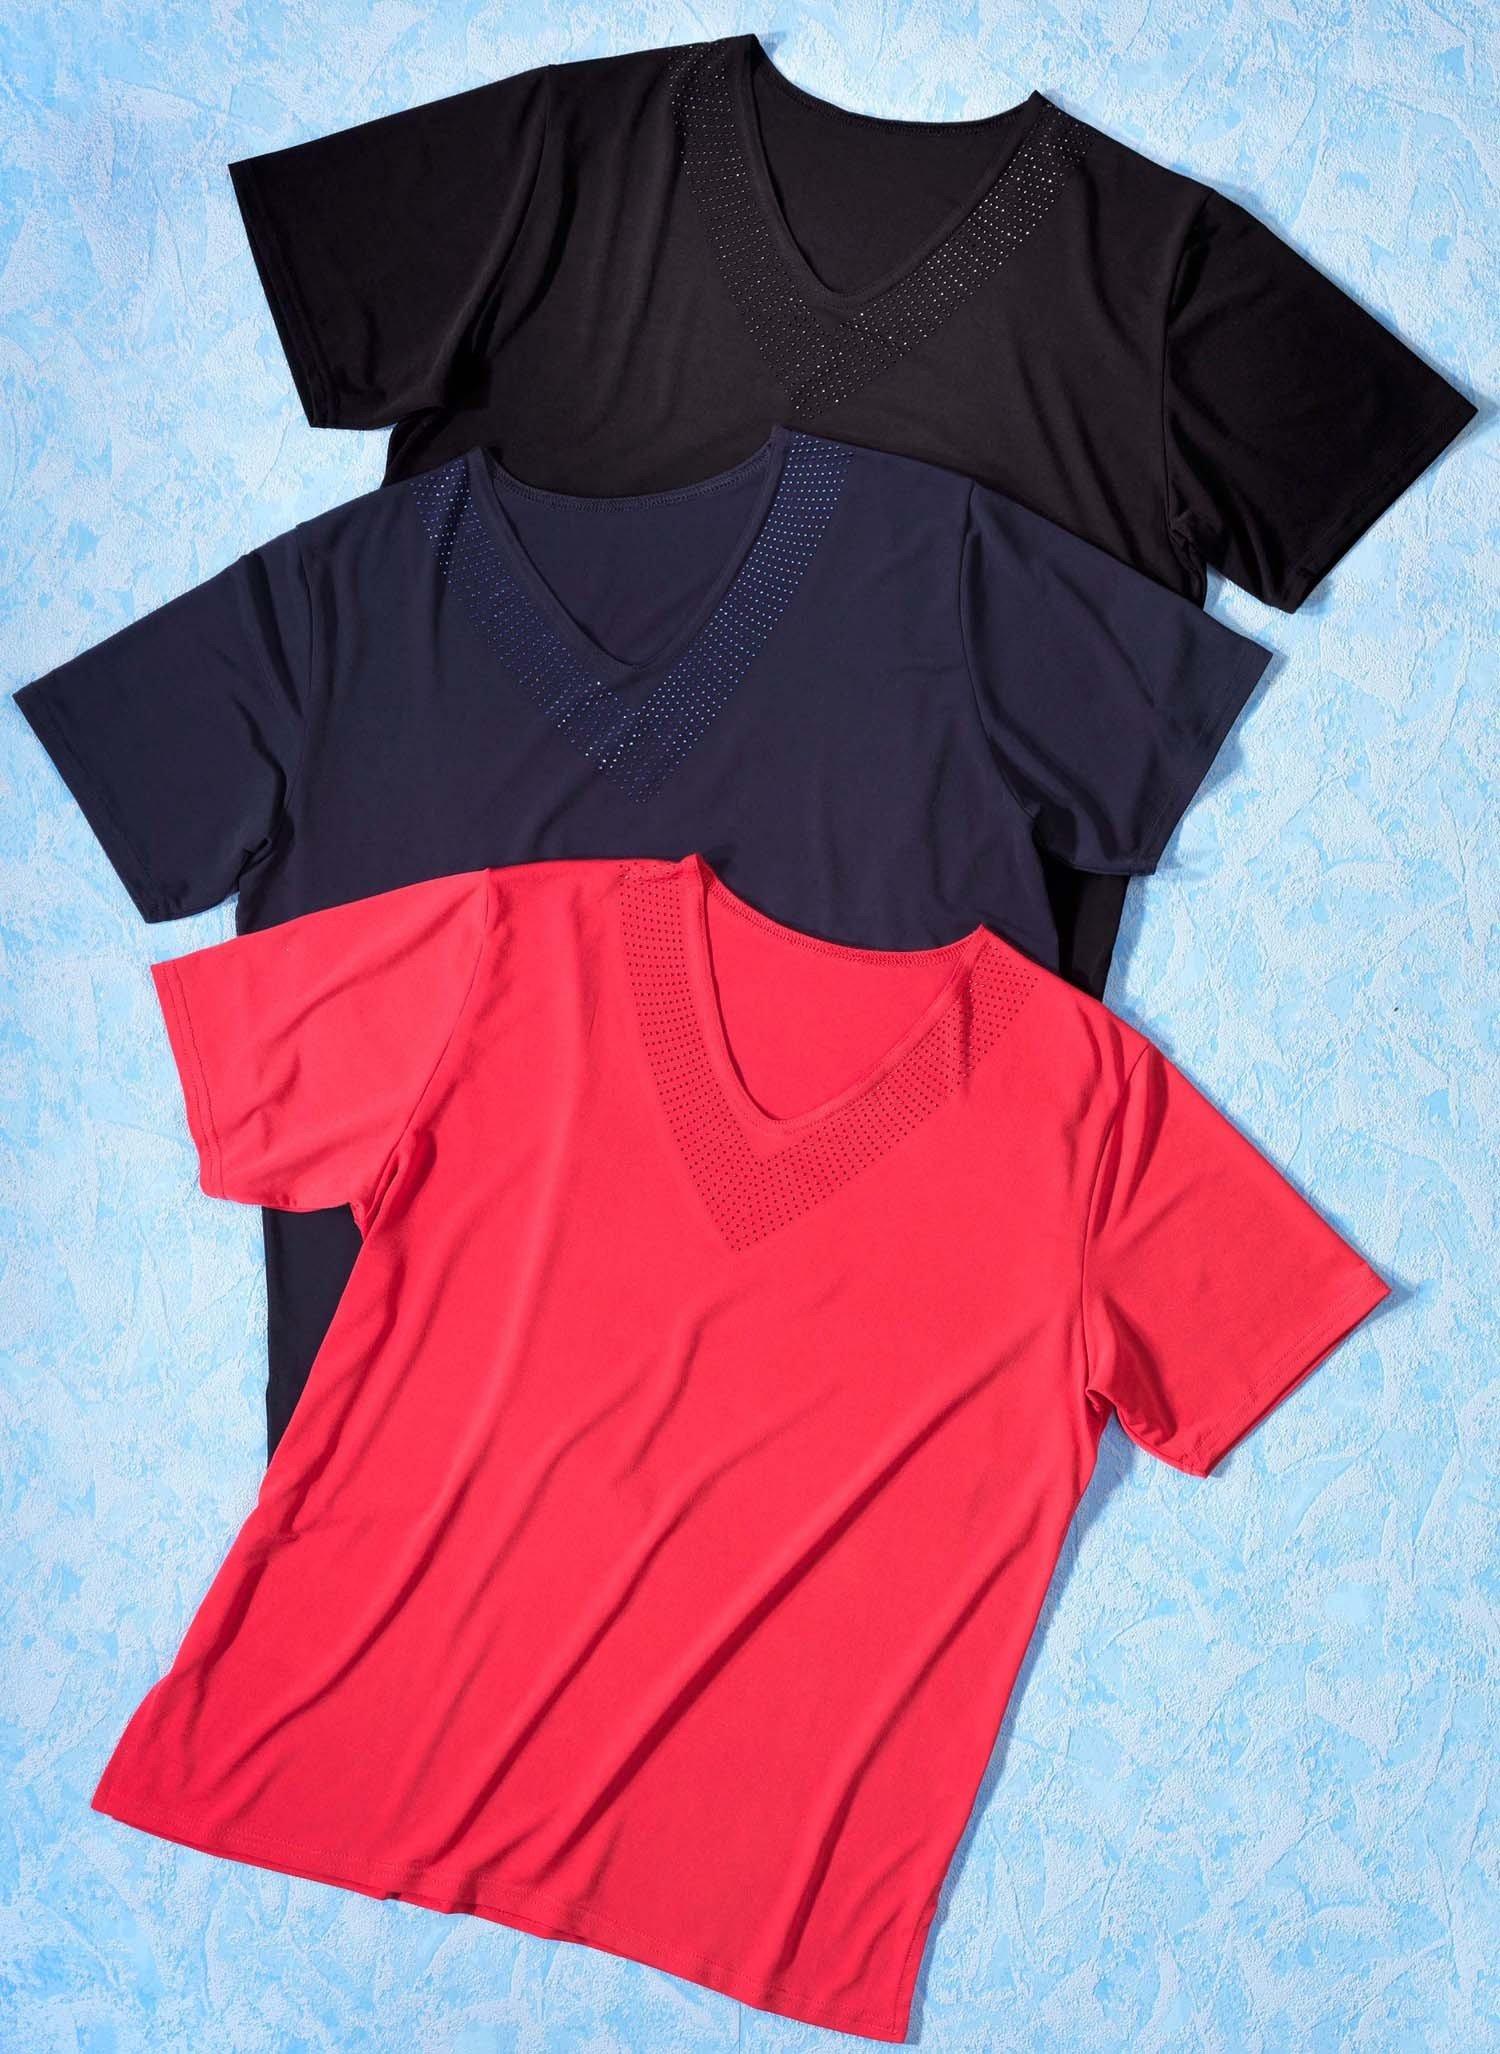 D-KA-Shirt,V-Ausschnitt schw. L 010 - 2 - Ronja.ch